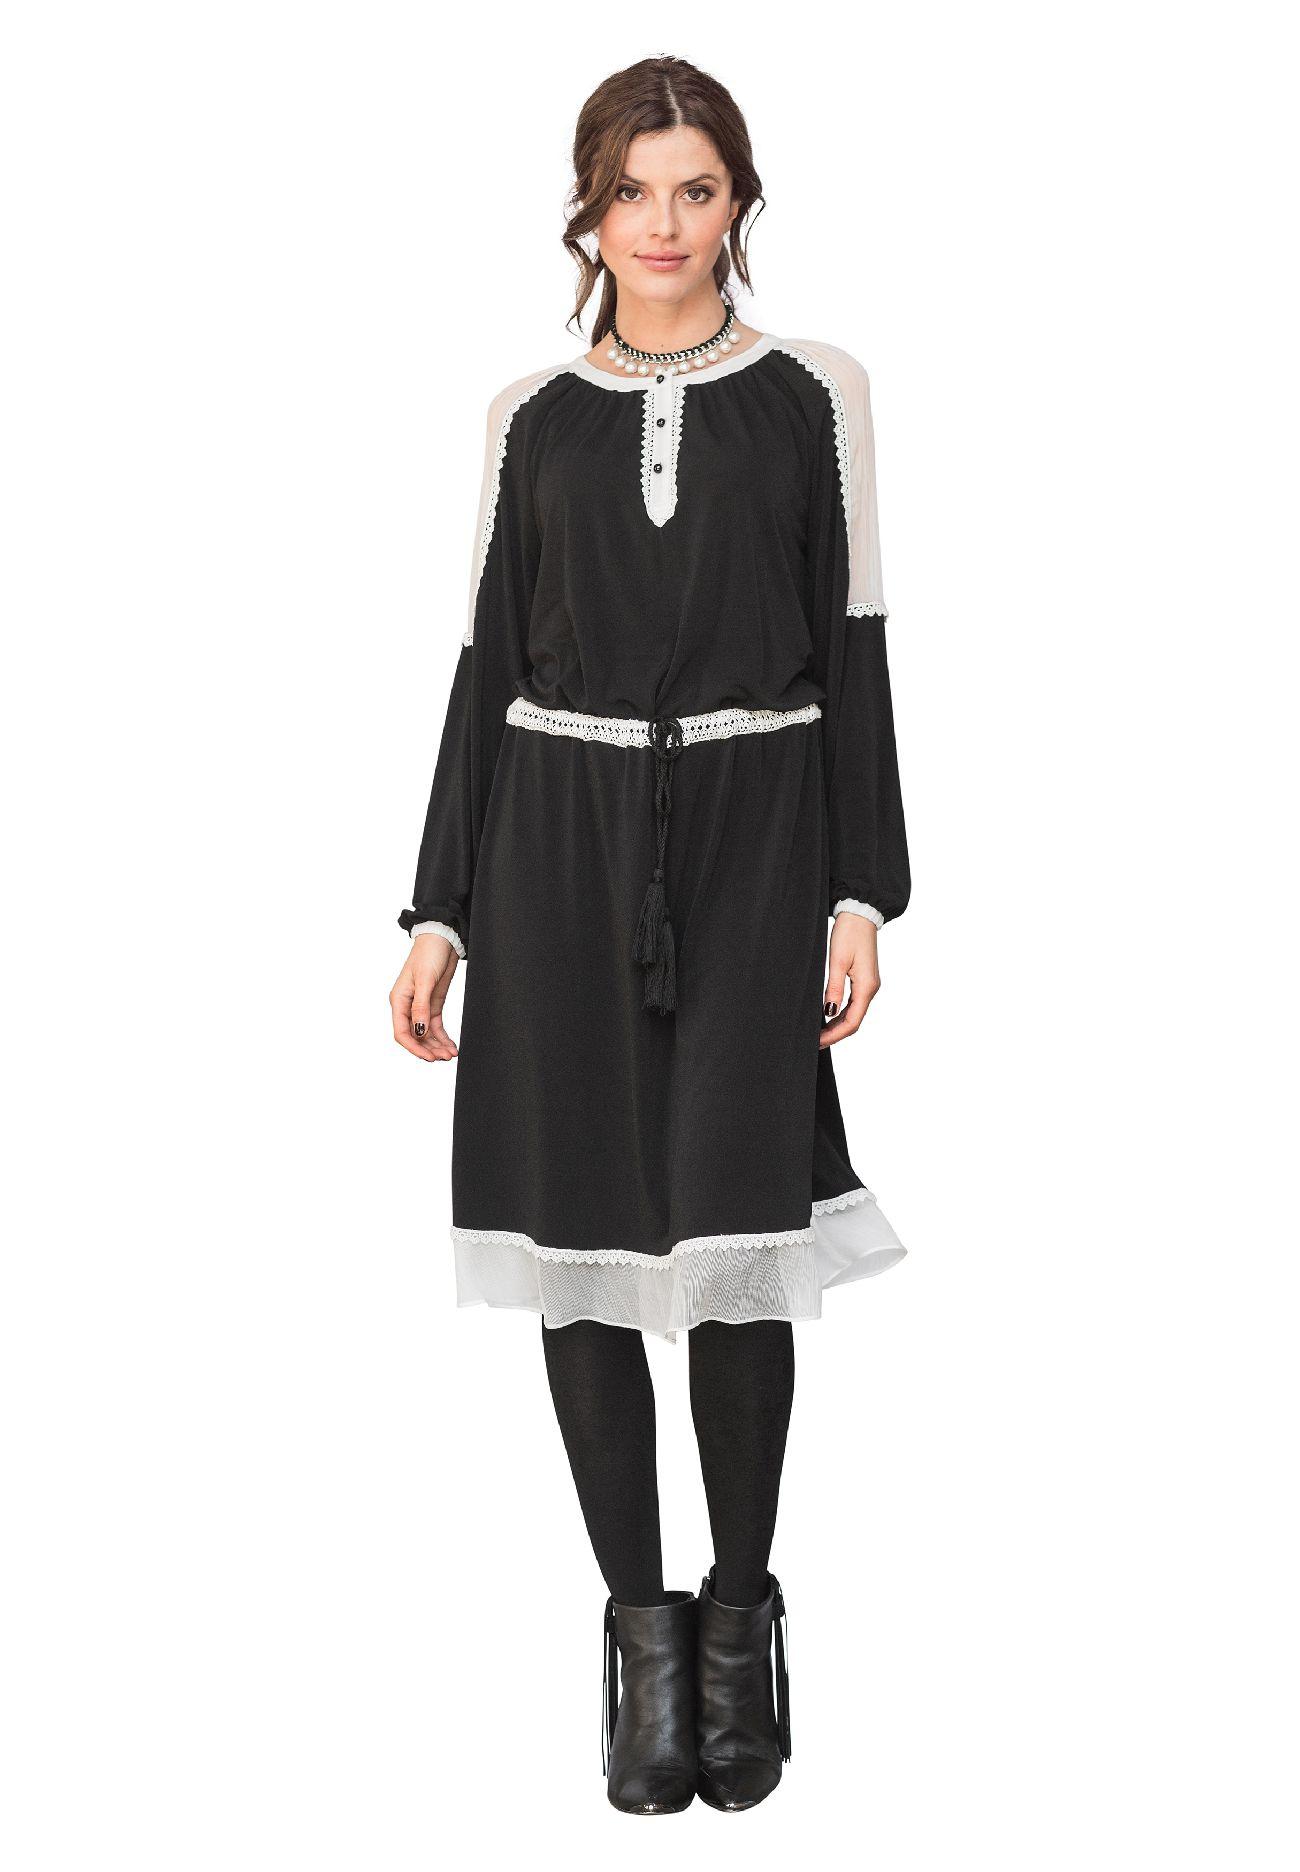 Šaty APART s háčkovanou krajkou hippie styl (vel.44 skladem)